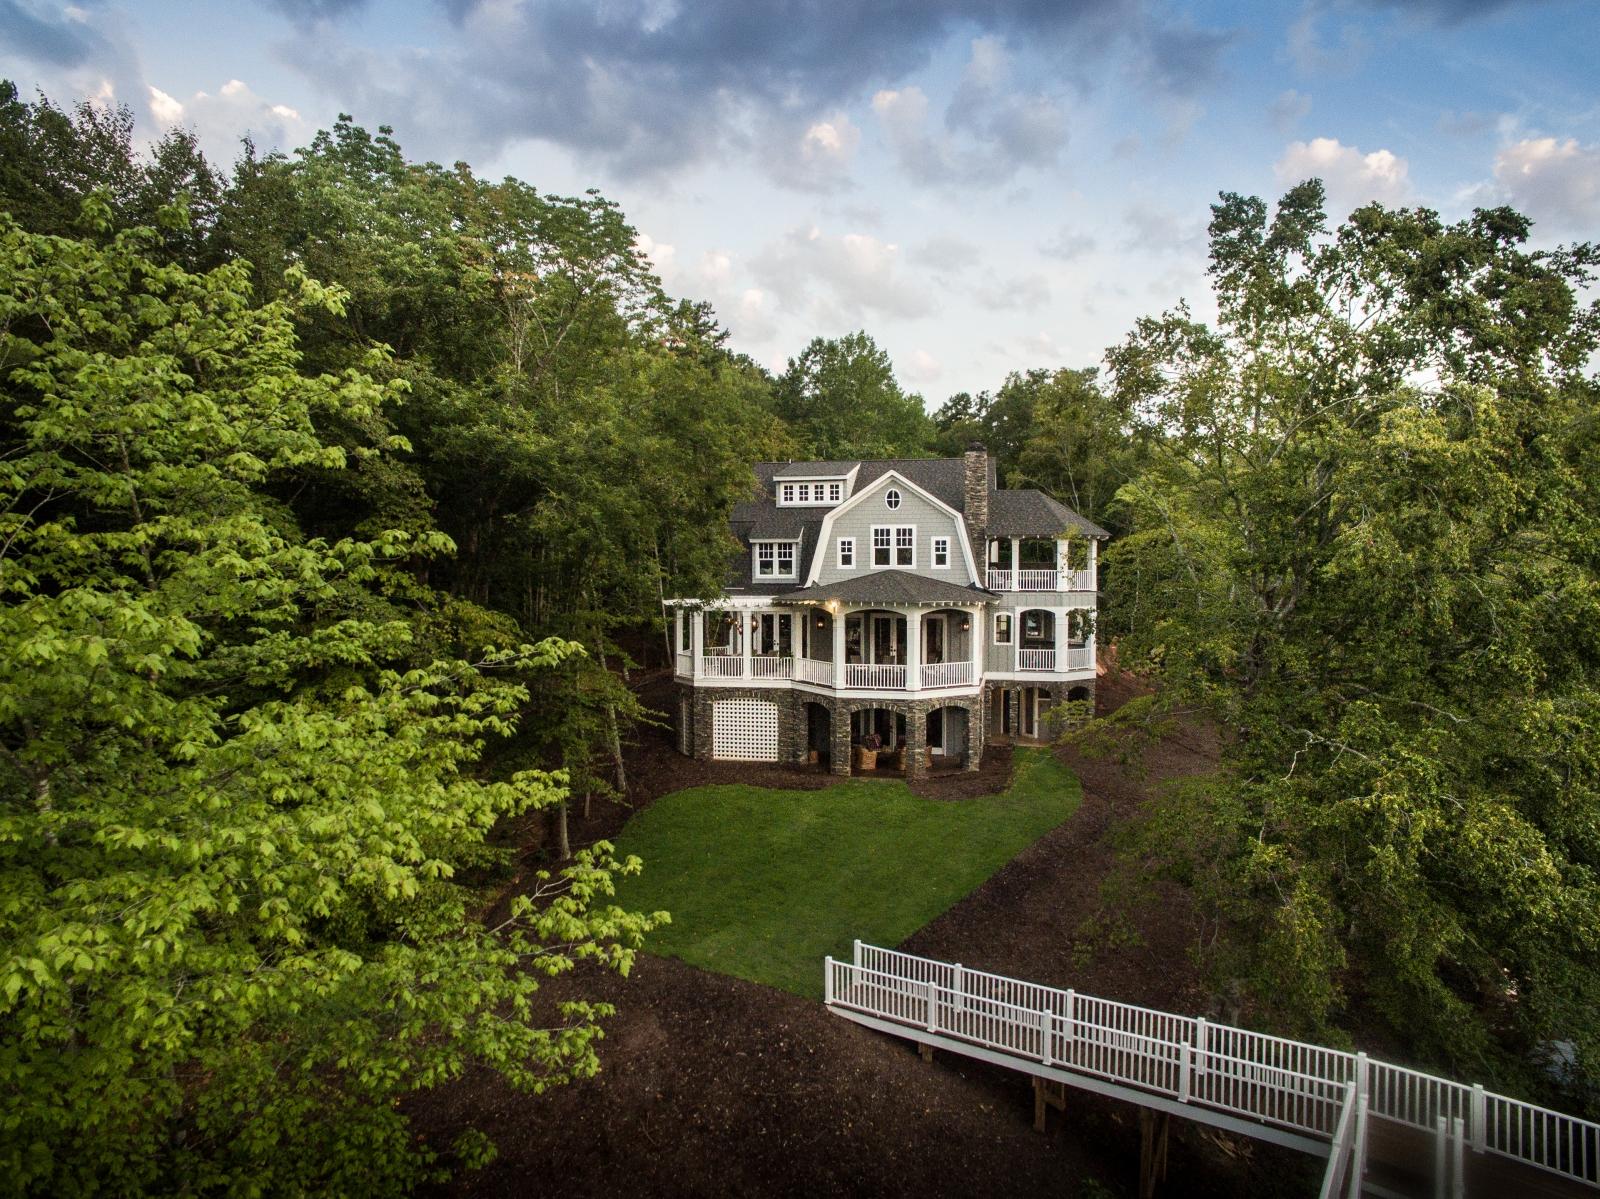 Utiliser la photographie de drone immobilier pour photographier une maison et son paysage environnant.